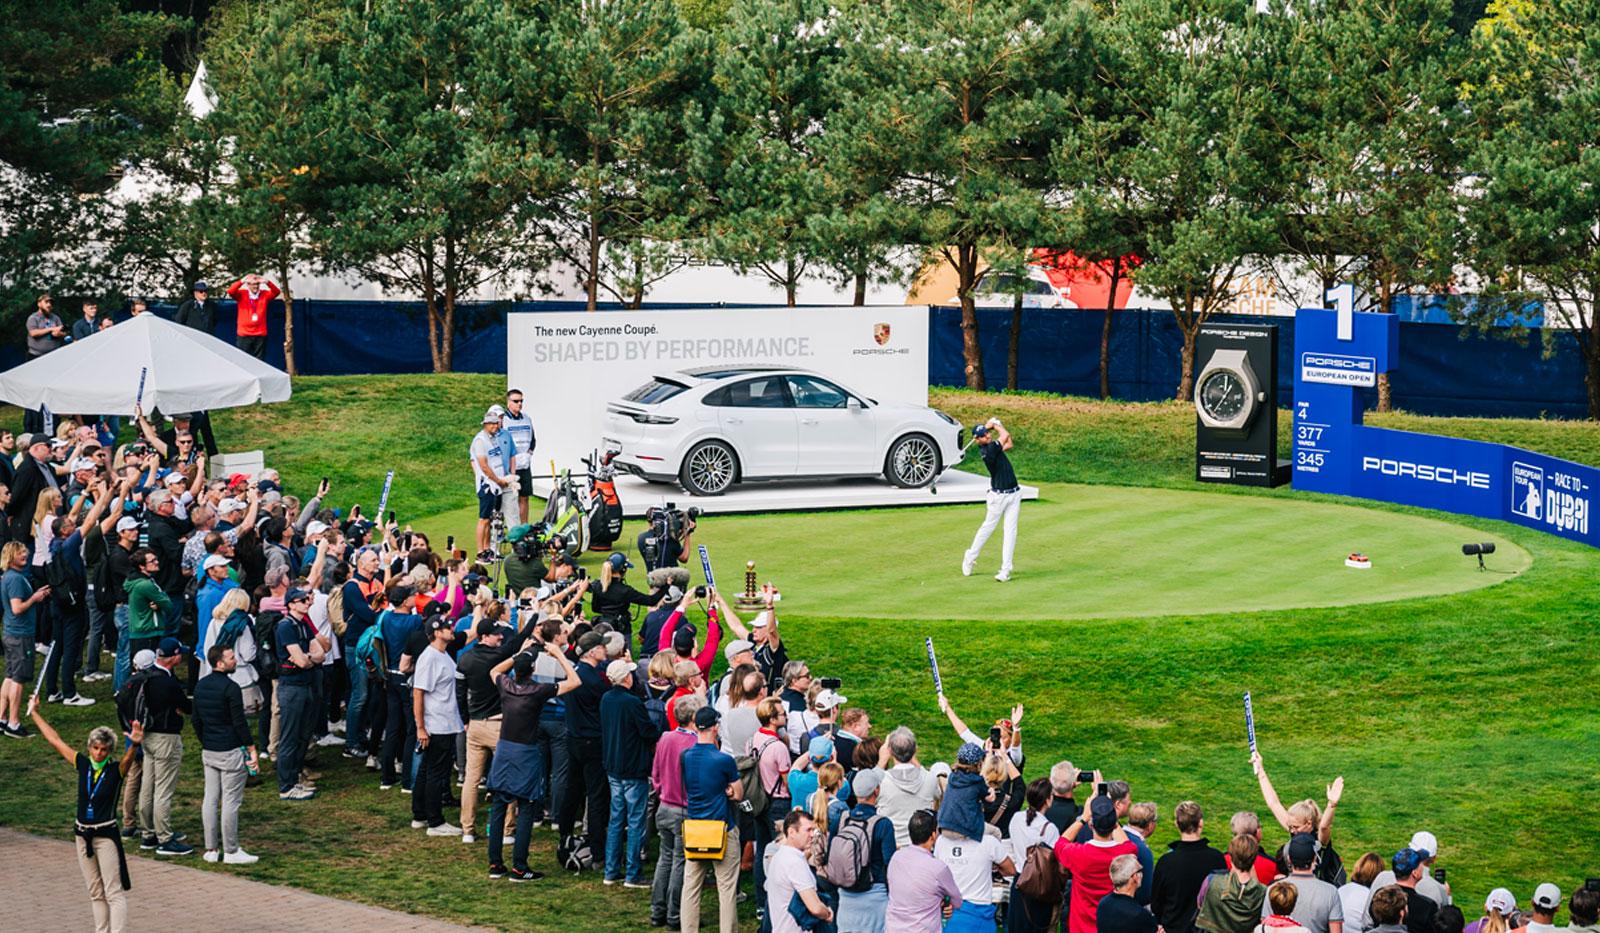 Gewinnspiel - Gewinnspiel zur Porsche European Open! Jetzt mitmachen!